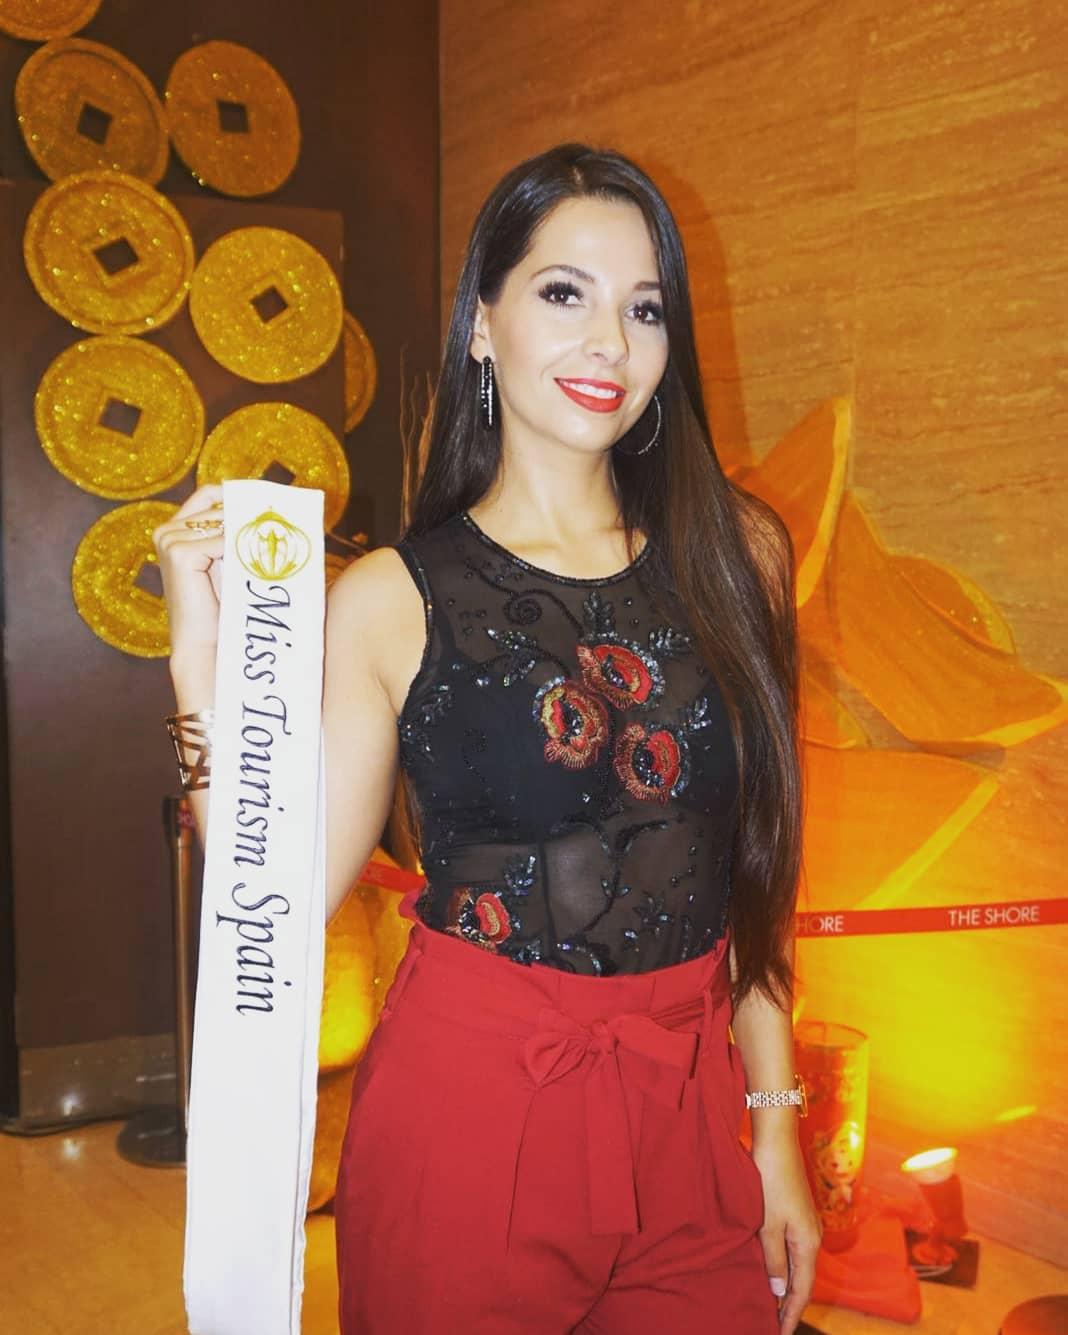 rafaella candida, top 15 de miss tourism 2017/2018. - Página 2 26067111